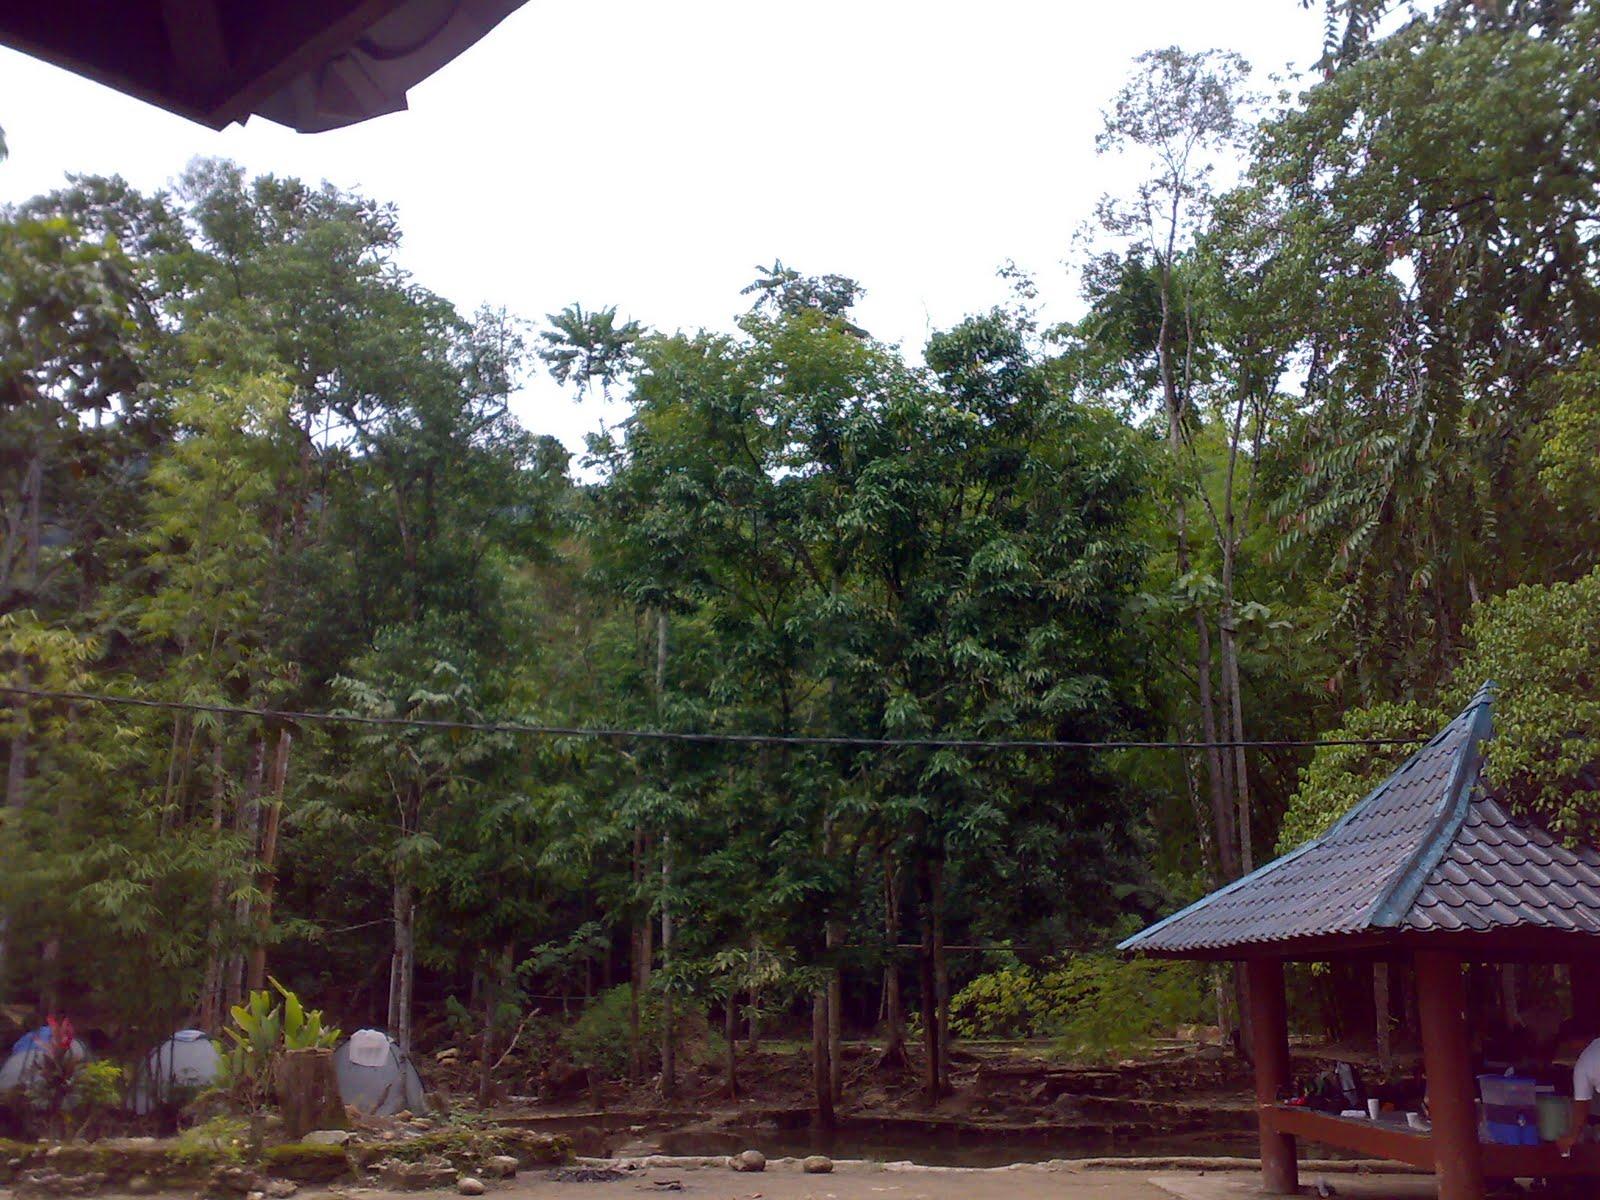 Intan azlina nikmati keindahan alam the woods resort for Alissara thai cuisine